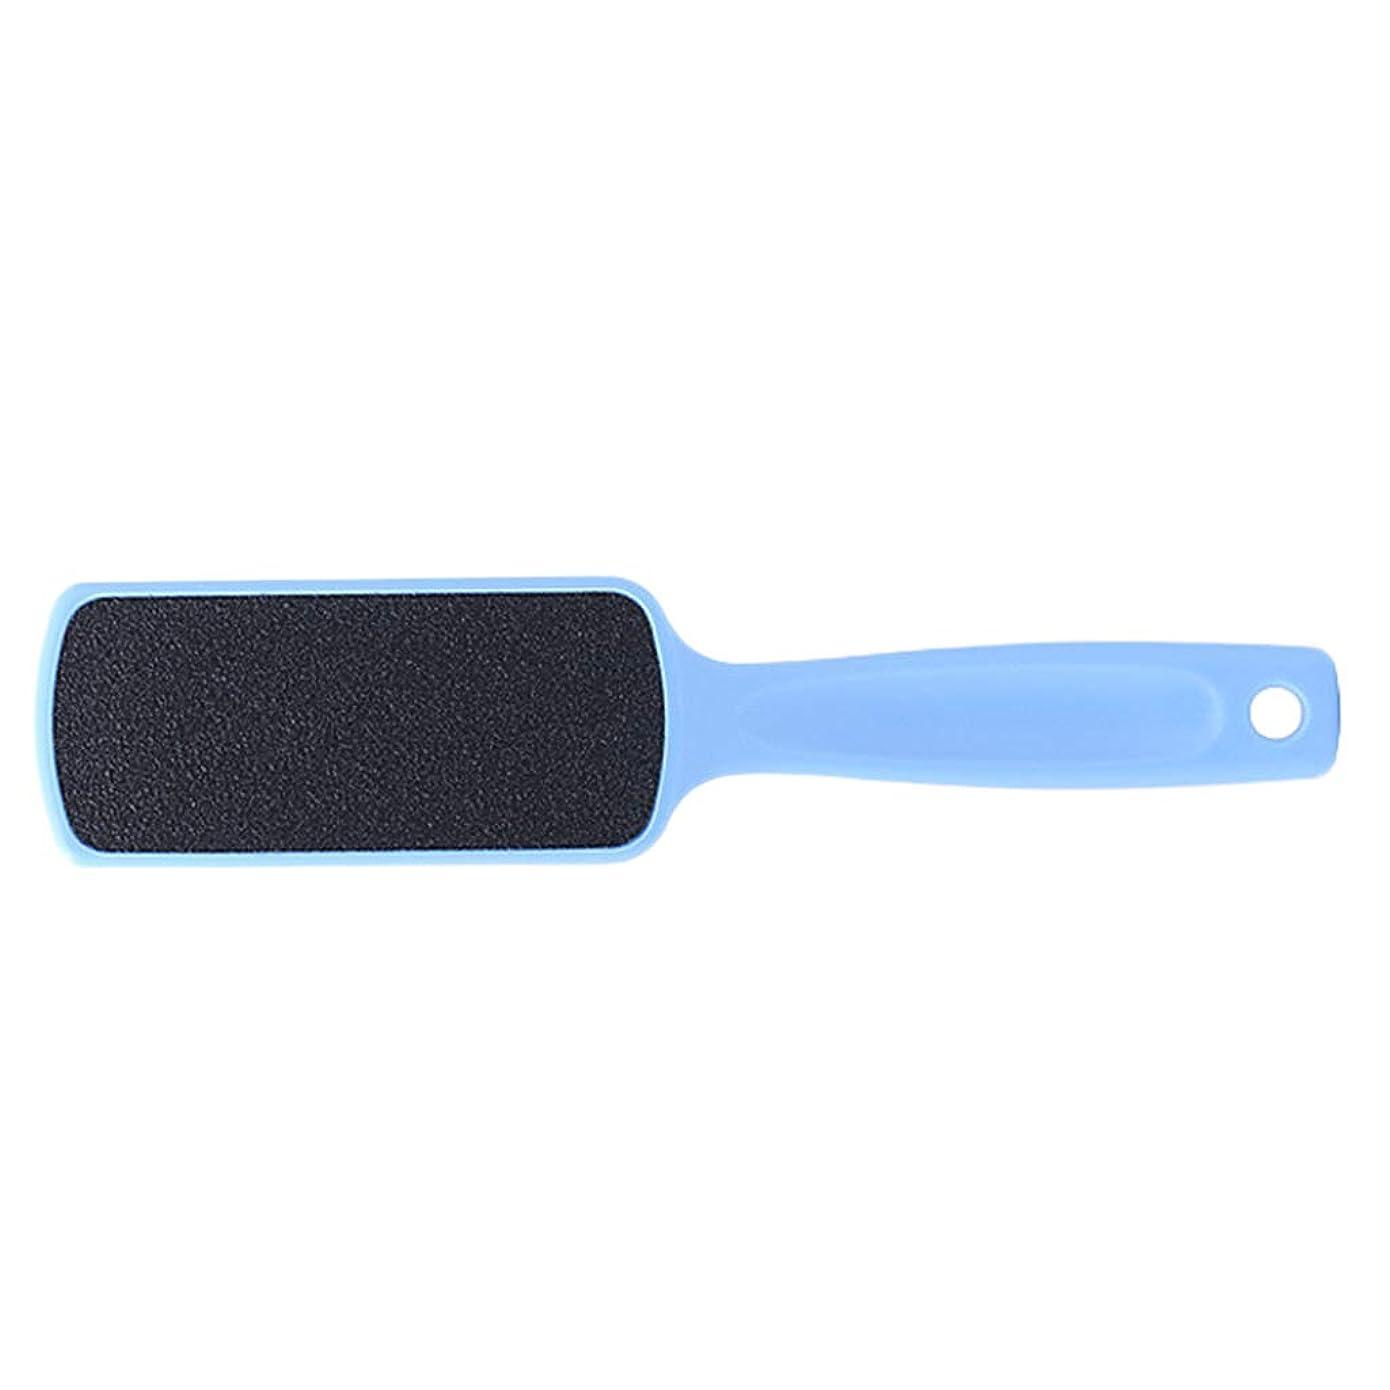 自動カフェテリア安心させるSM SunniMix フットファイル 足ファイル 角質除去 角質リムーバー 長いハンドル 滑り止め 全3色 - ライトブルー